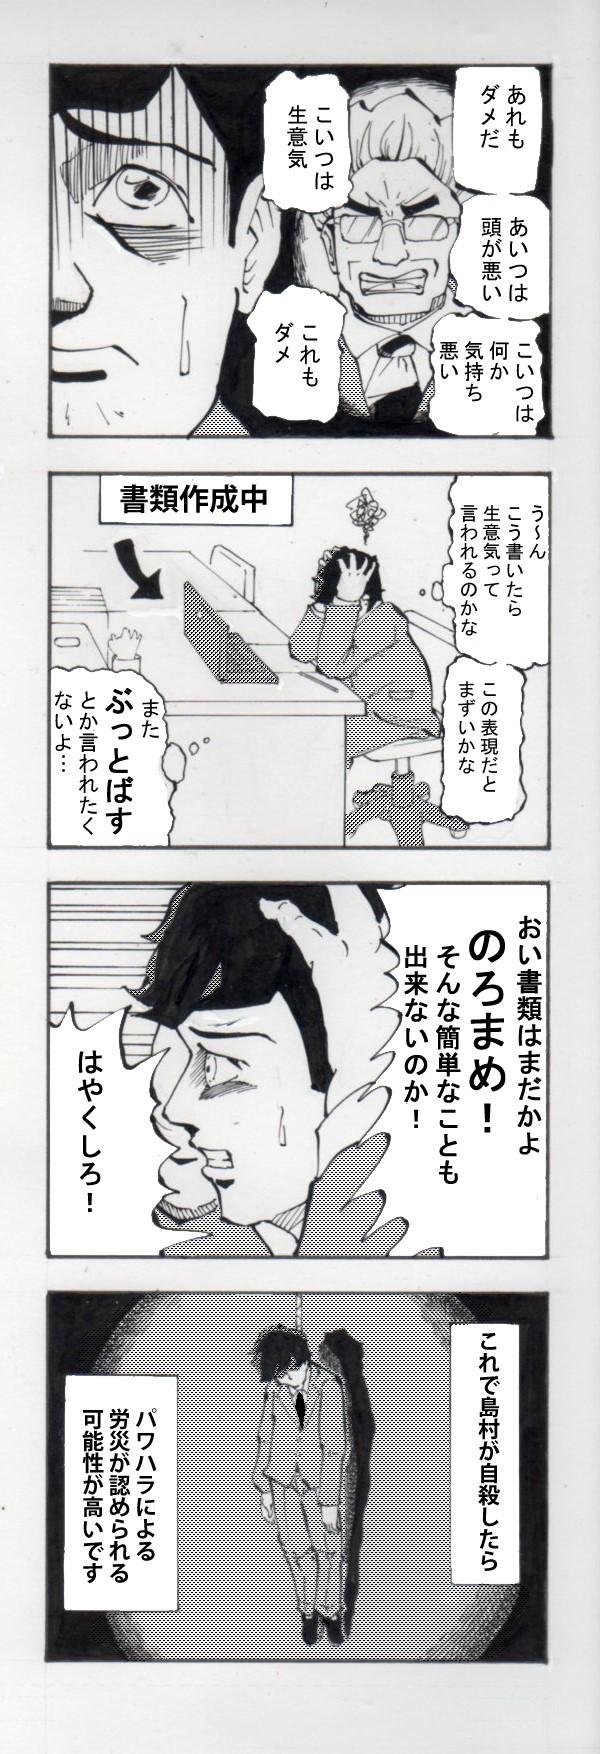 しままる様四コマ02